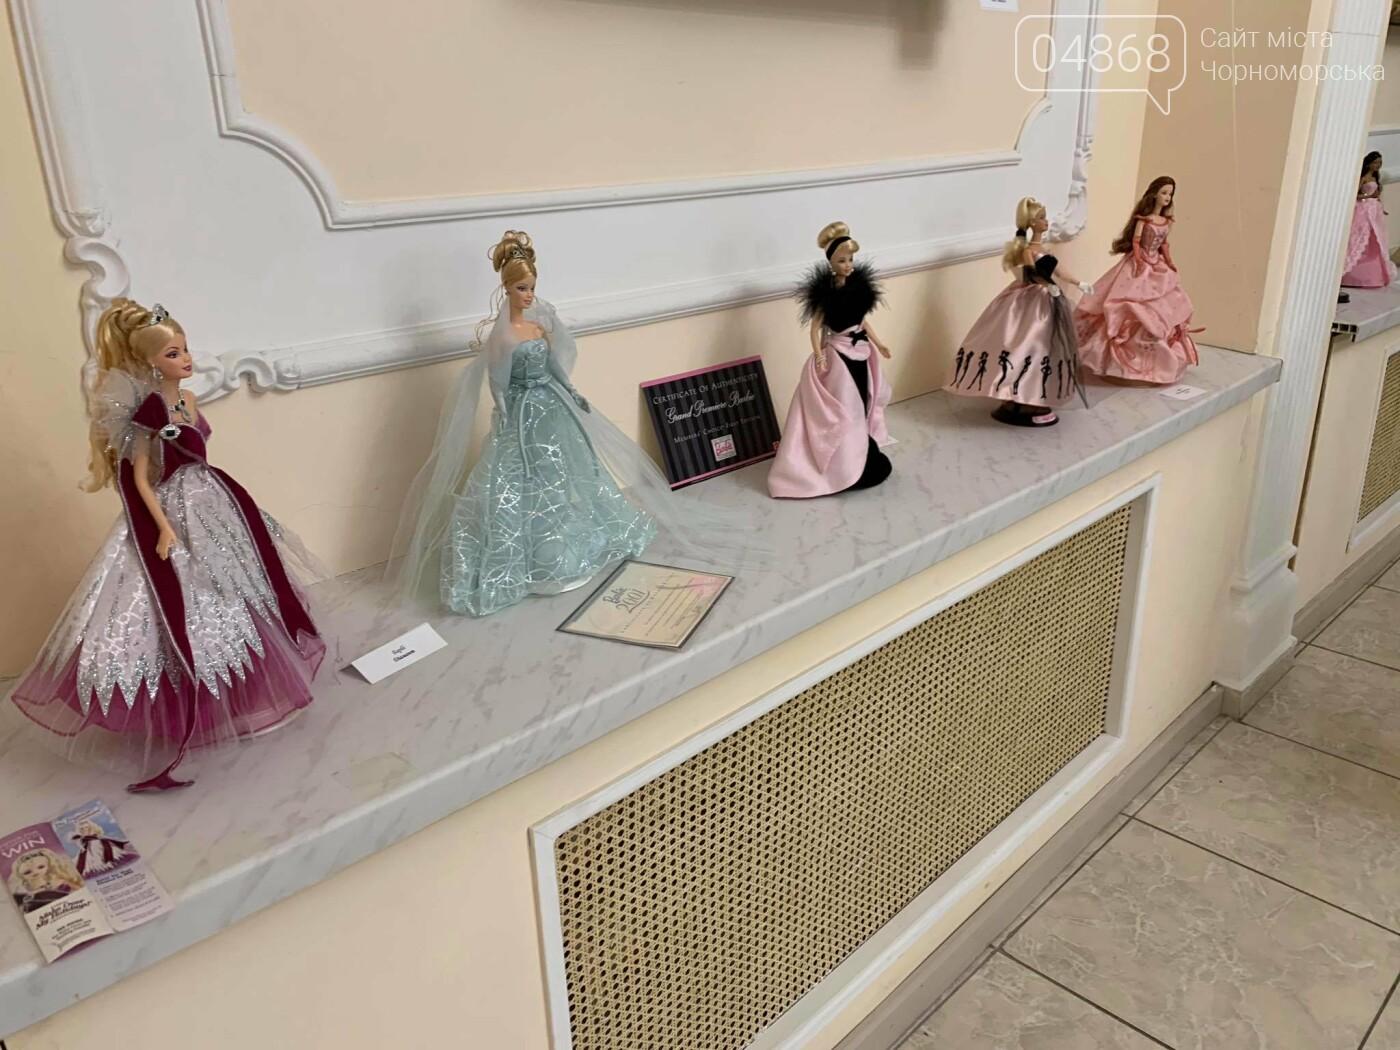 Как будто живые: в Черноморске проходит выставка фарфоровых кукол (видео), фото-38